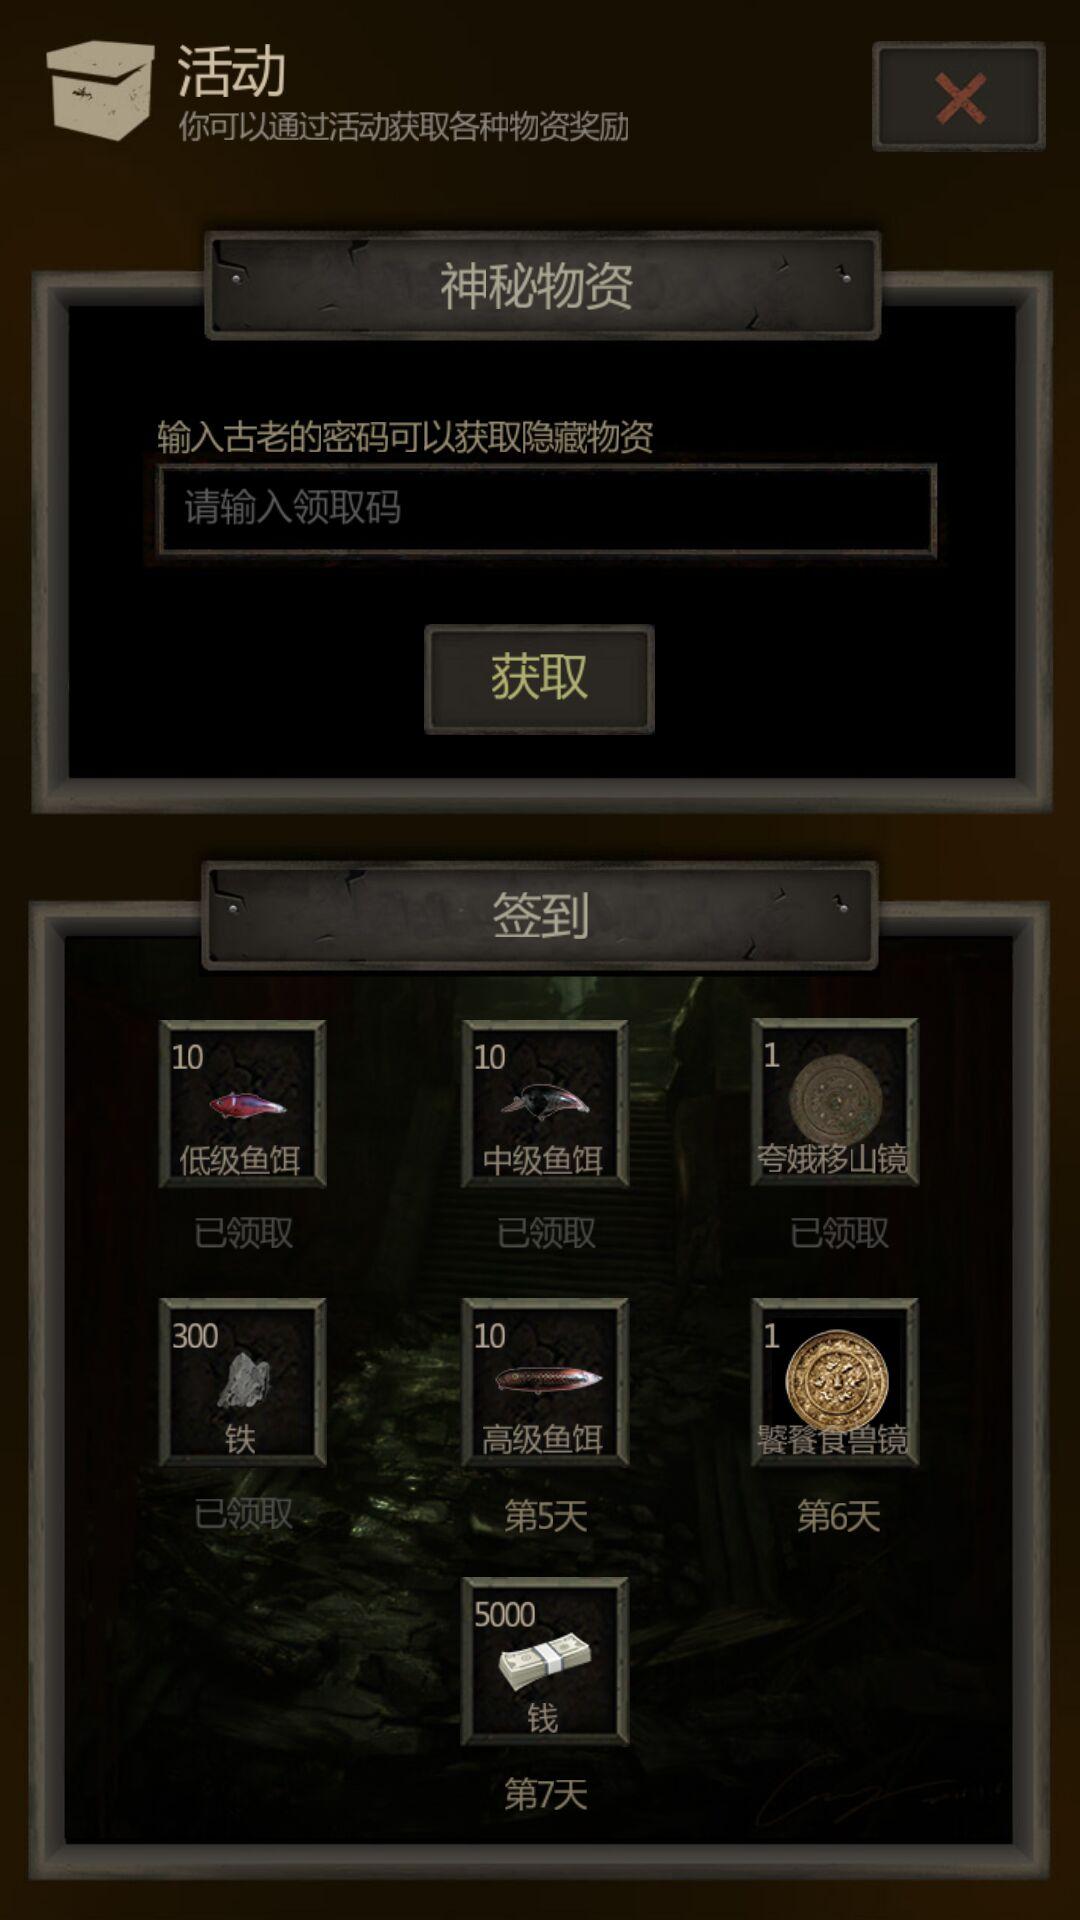 盗墓长生印领取码怎么得 神秘物资活动码获取方法[图]